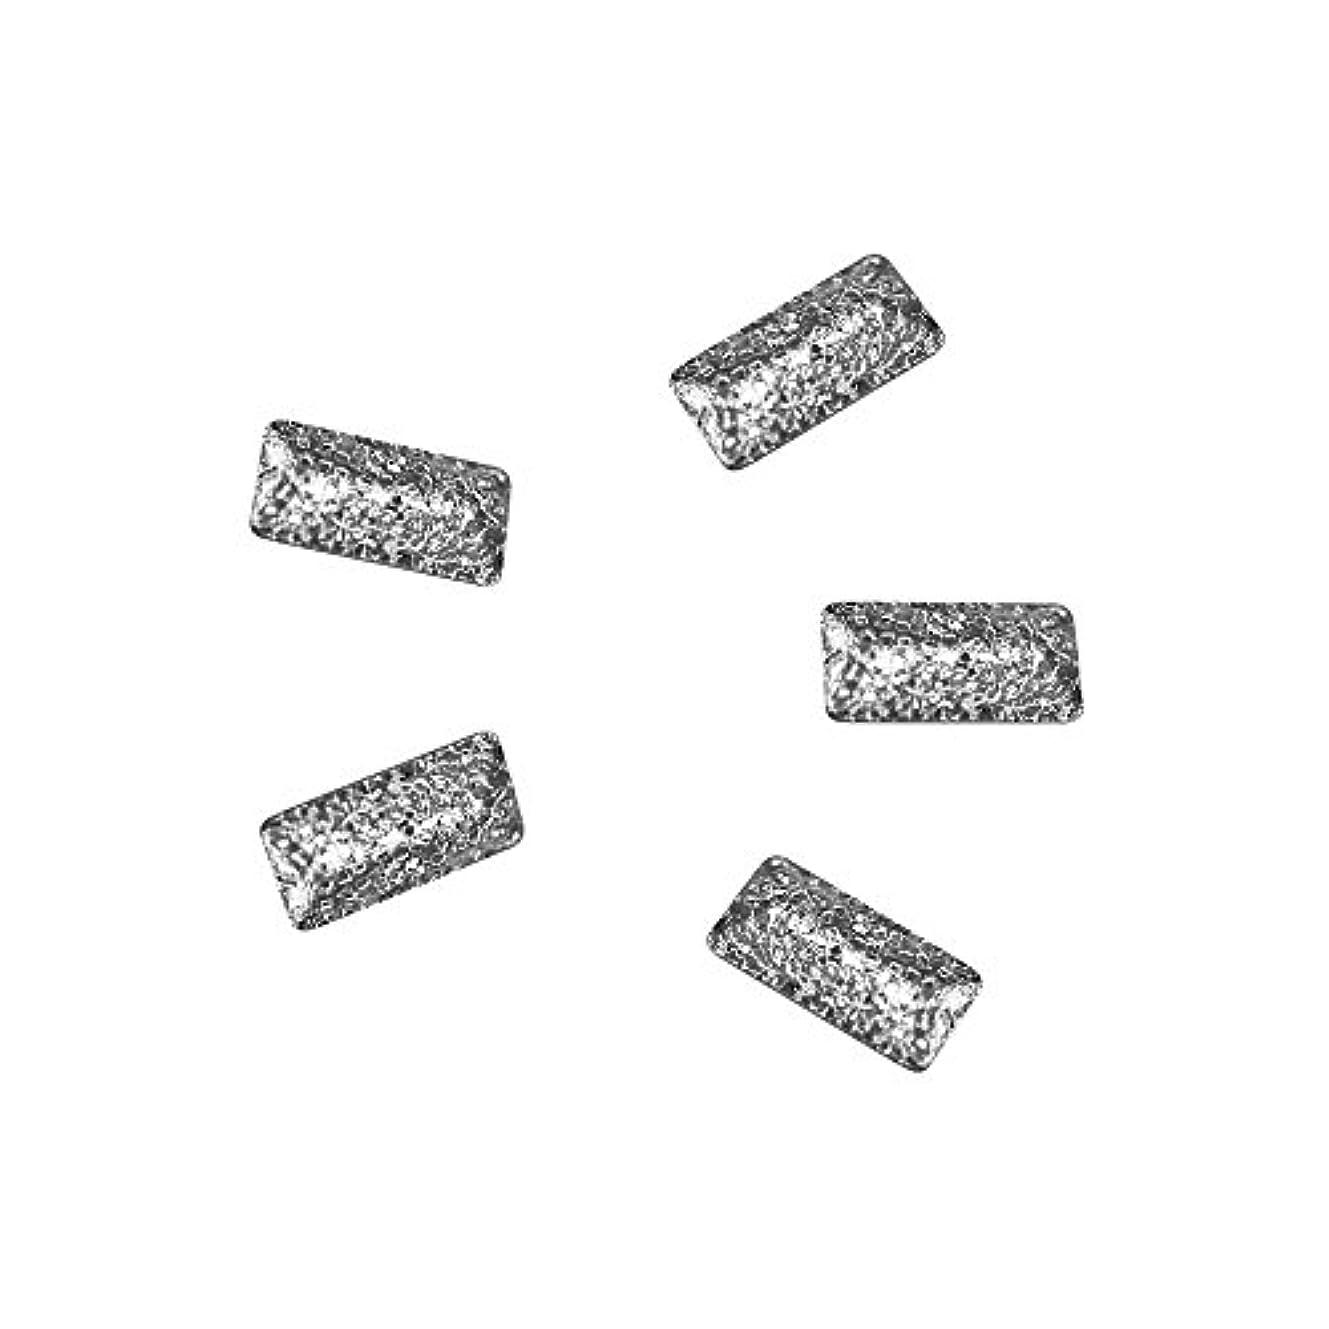 要旨フルーツ野菜カイウスBonnail ラフスタッズシルバー レクタングル3×1.2mm